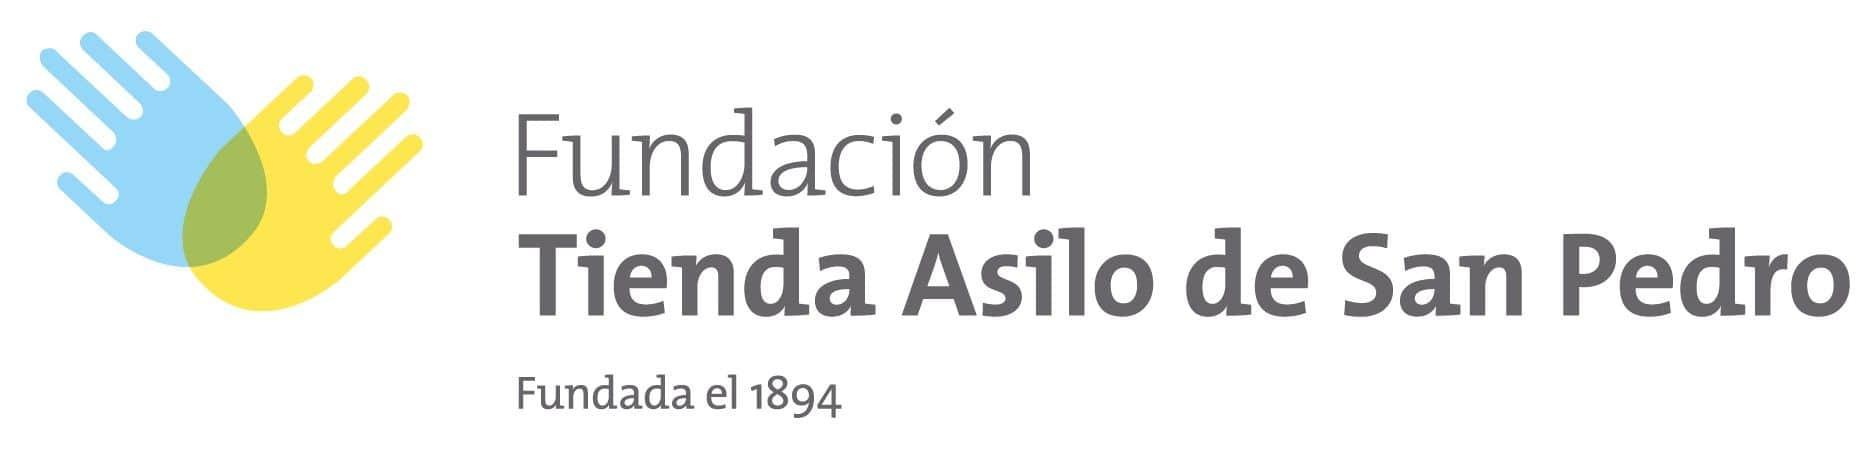 Fundación Tienda Asilo San Pedro elabora muebles auxiliares de ecólovy